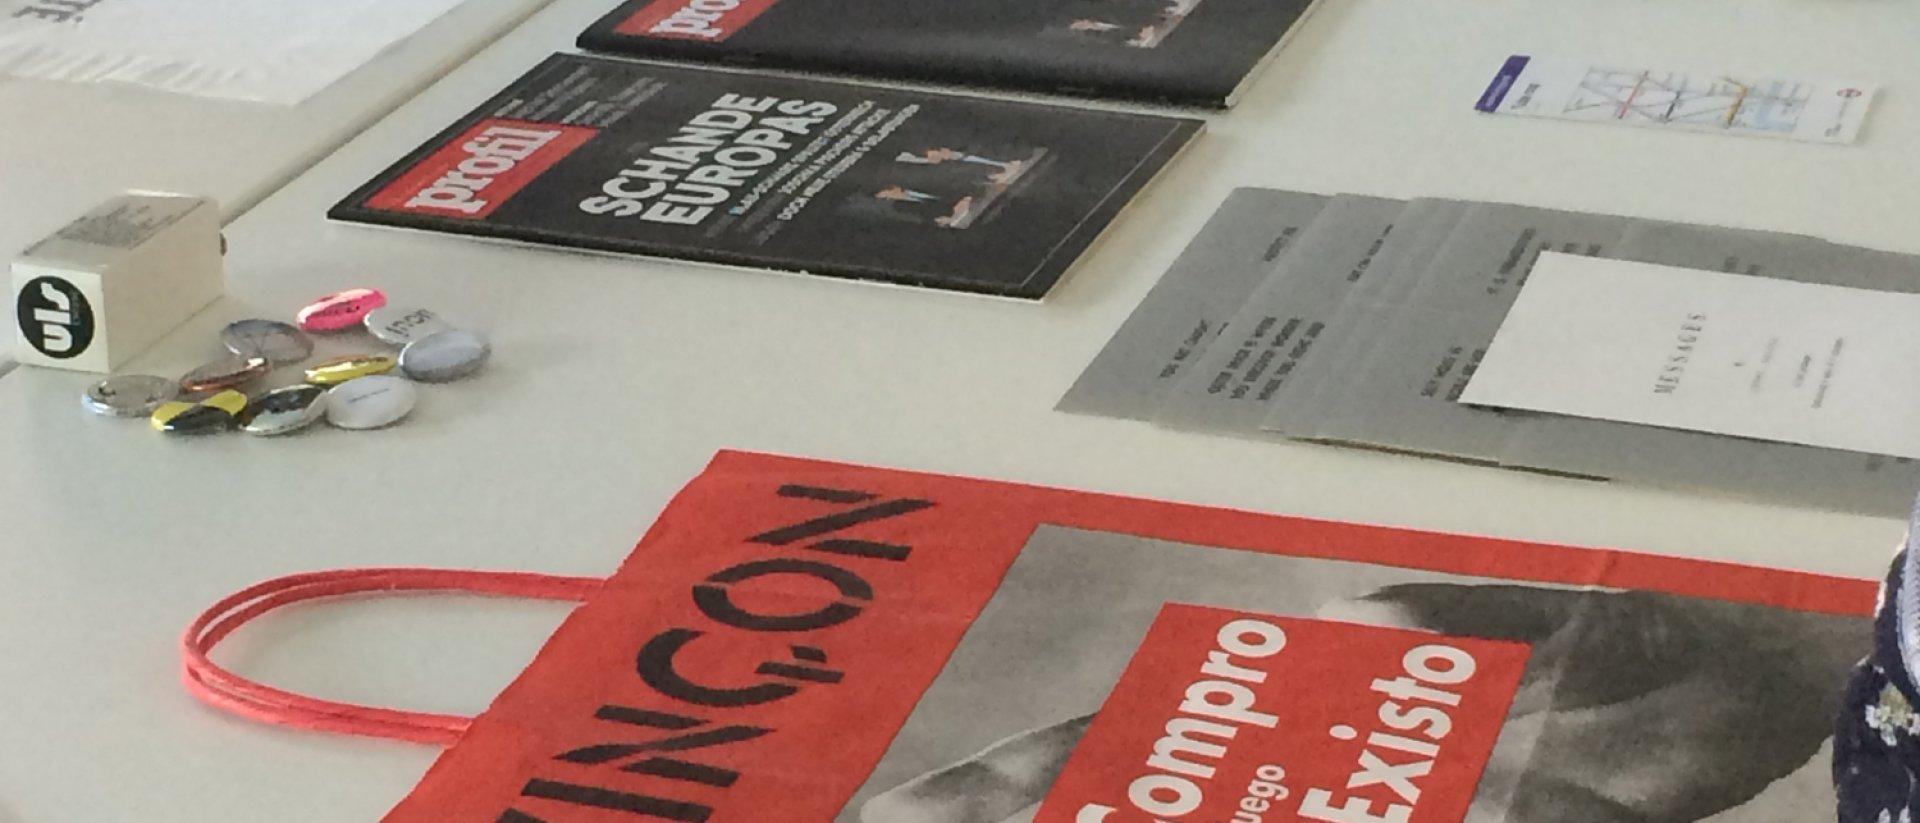 Revistas y folletos encima de una mesa